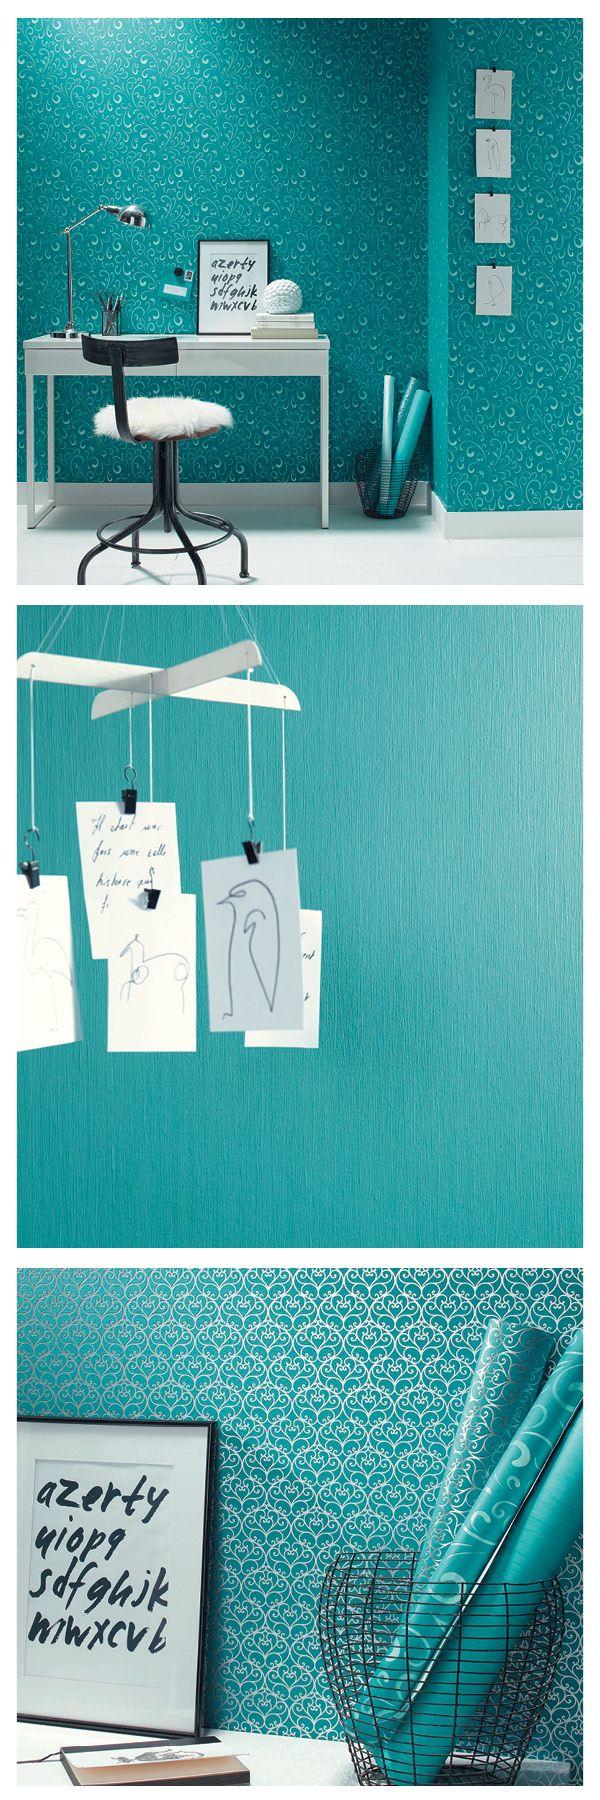 De nieuwe collectie POWER van Caselio is binnenkort in onze webshop verkrijgbaar. Ook de kleur van het jaar #Teal vind je hierin terug. Als je alvast door het boek wilt bladeren kom dan langs in de winkel. www.verfenwand.nl/assortiment/behang